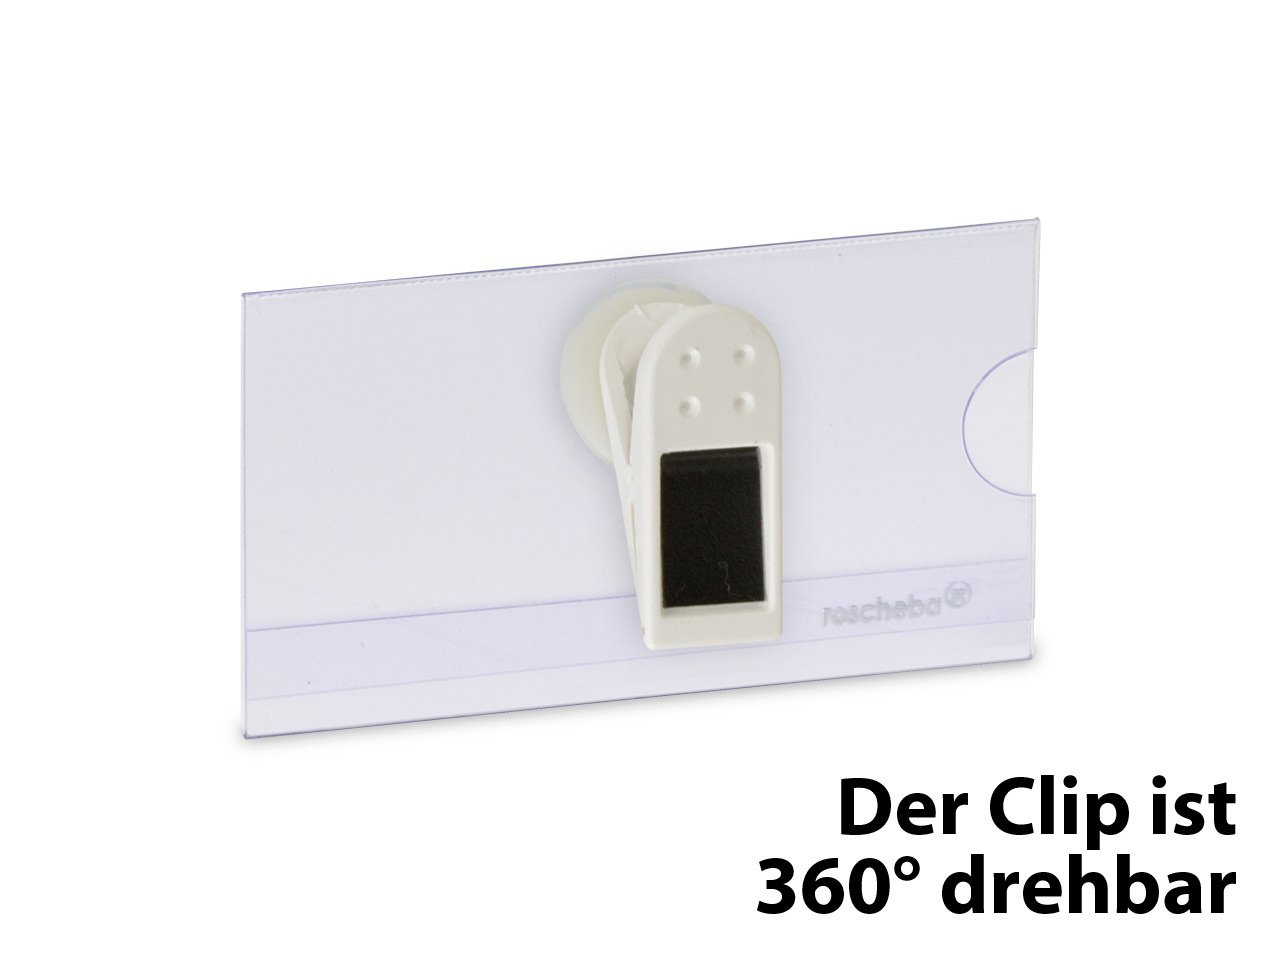 Namensschilder inkl Befestigung: Sicherheitsnadel Marke: roscheba/® Staffelpreise Made in Germany Papiereinlagen 75 x 42 mm, 10 x Klassische Namensschilder aus Hartfolie